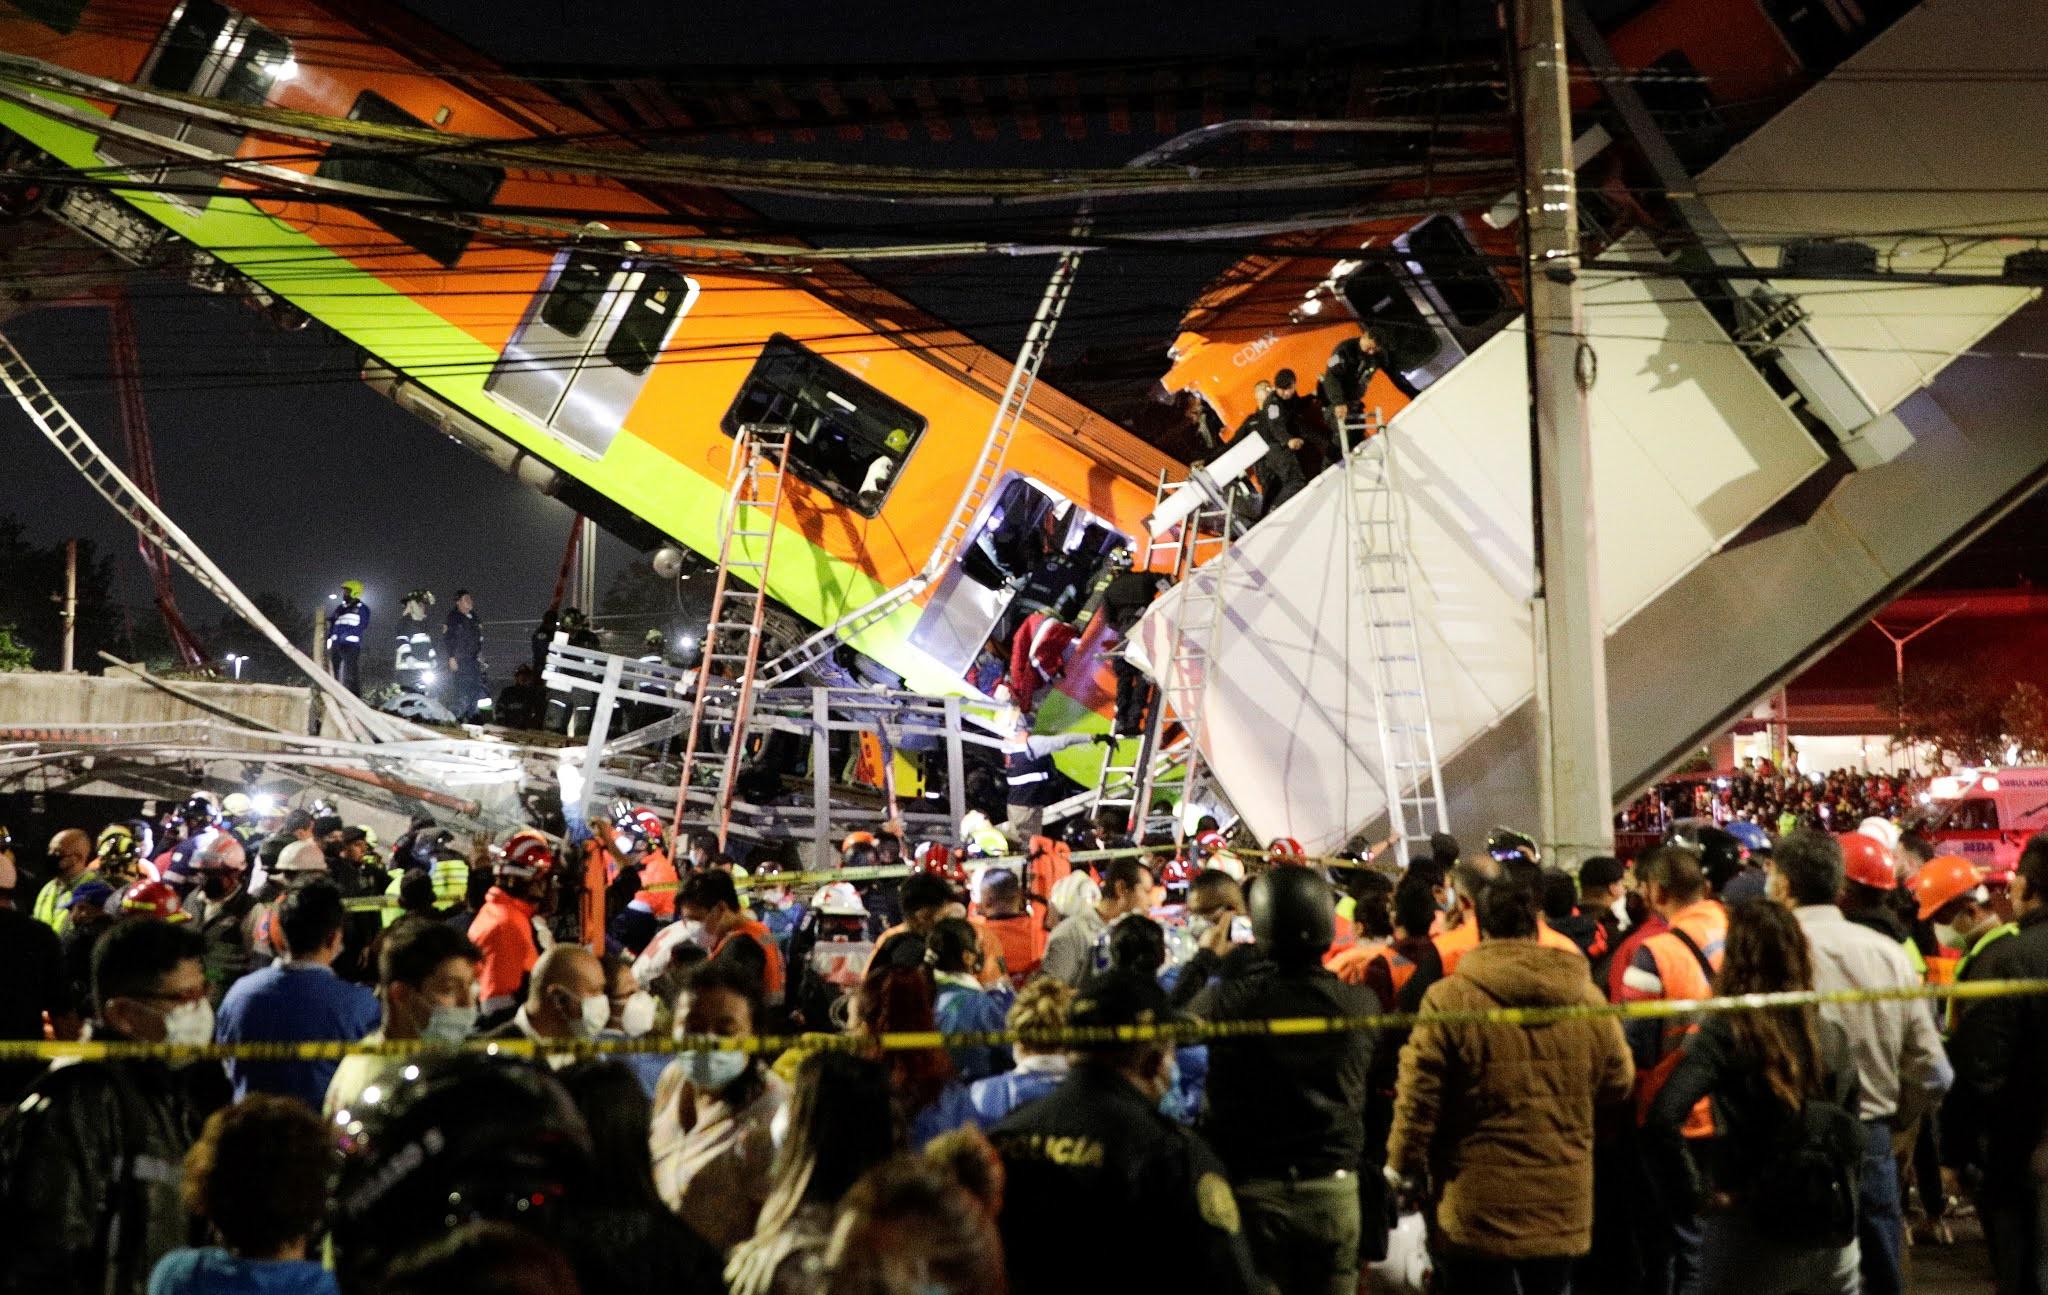 Tragedia en México: al menos 23 muertos y más de 70 heridos por el desplome de un puente cuando pasaba el metro